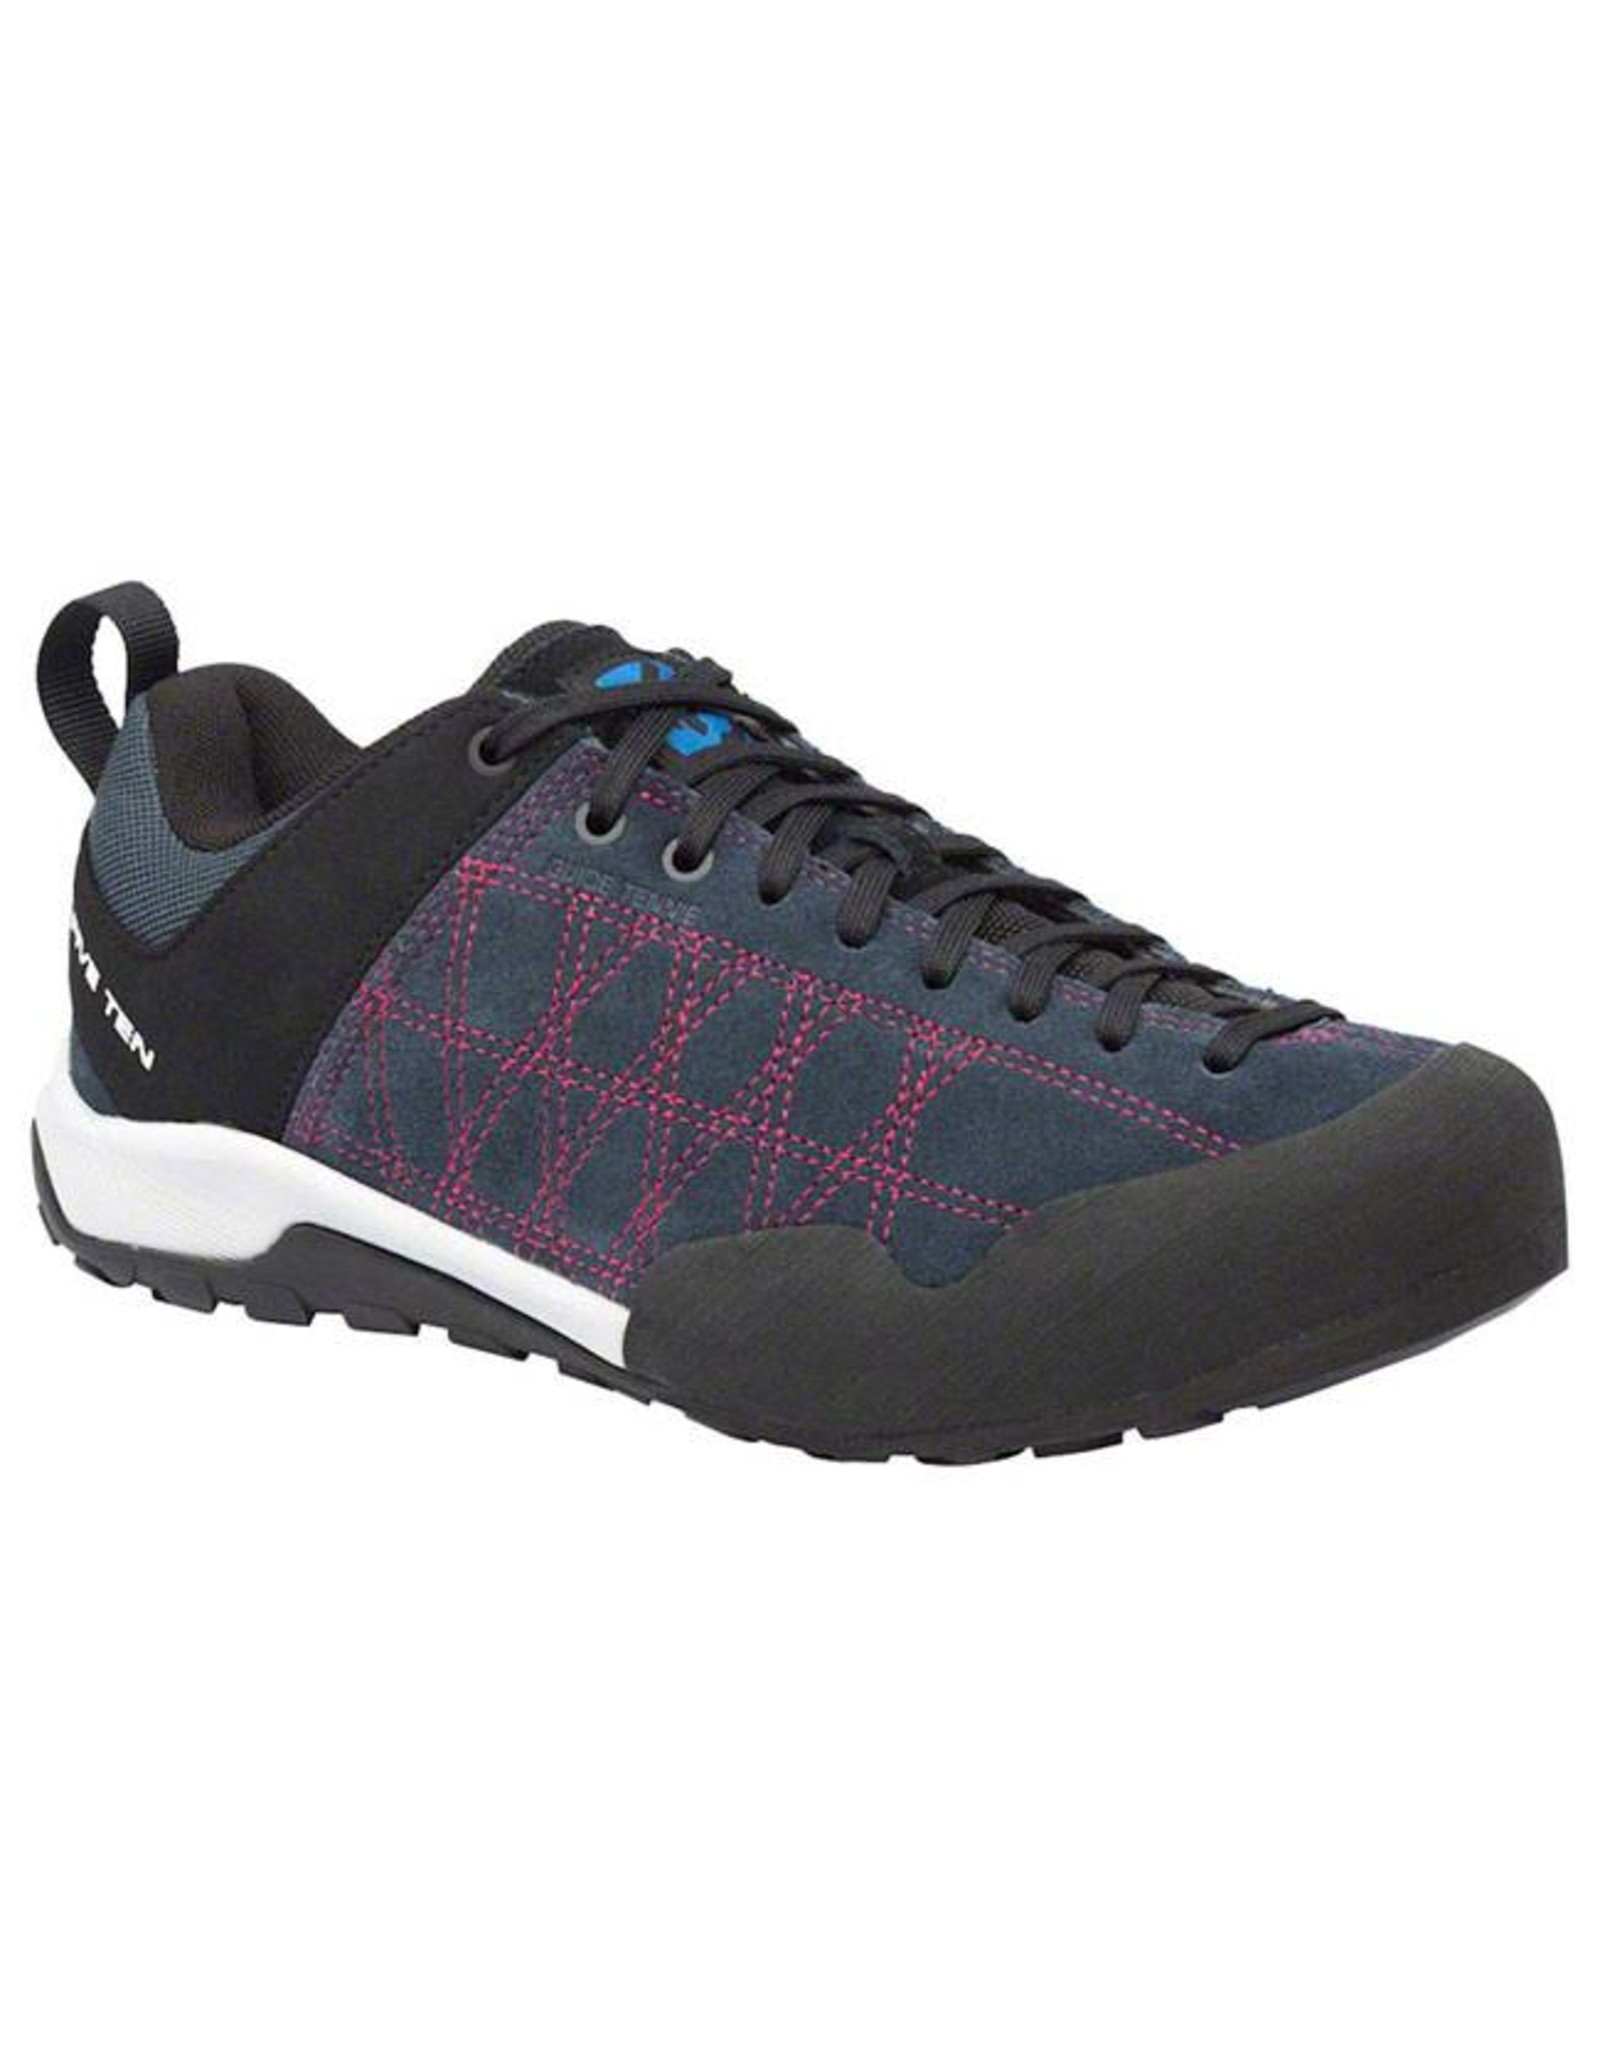 Five Ten Five Ten Guide Tennie Women's Approach Shoe: Gray/Fuchsia 6.5